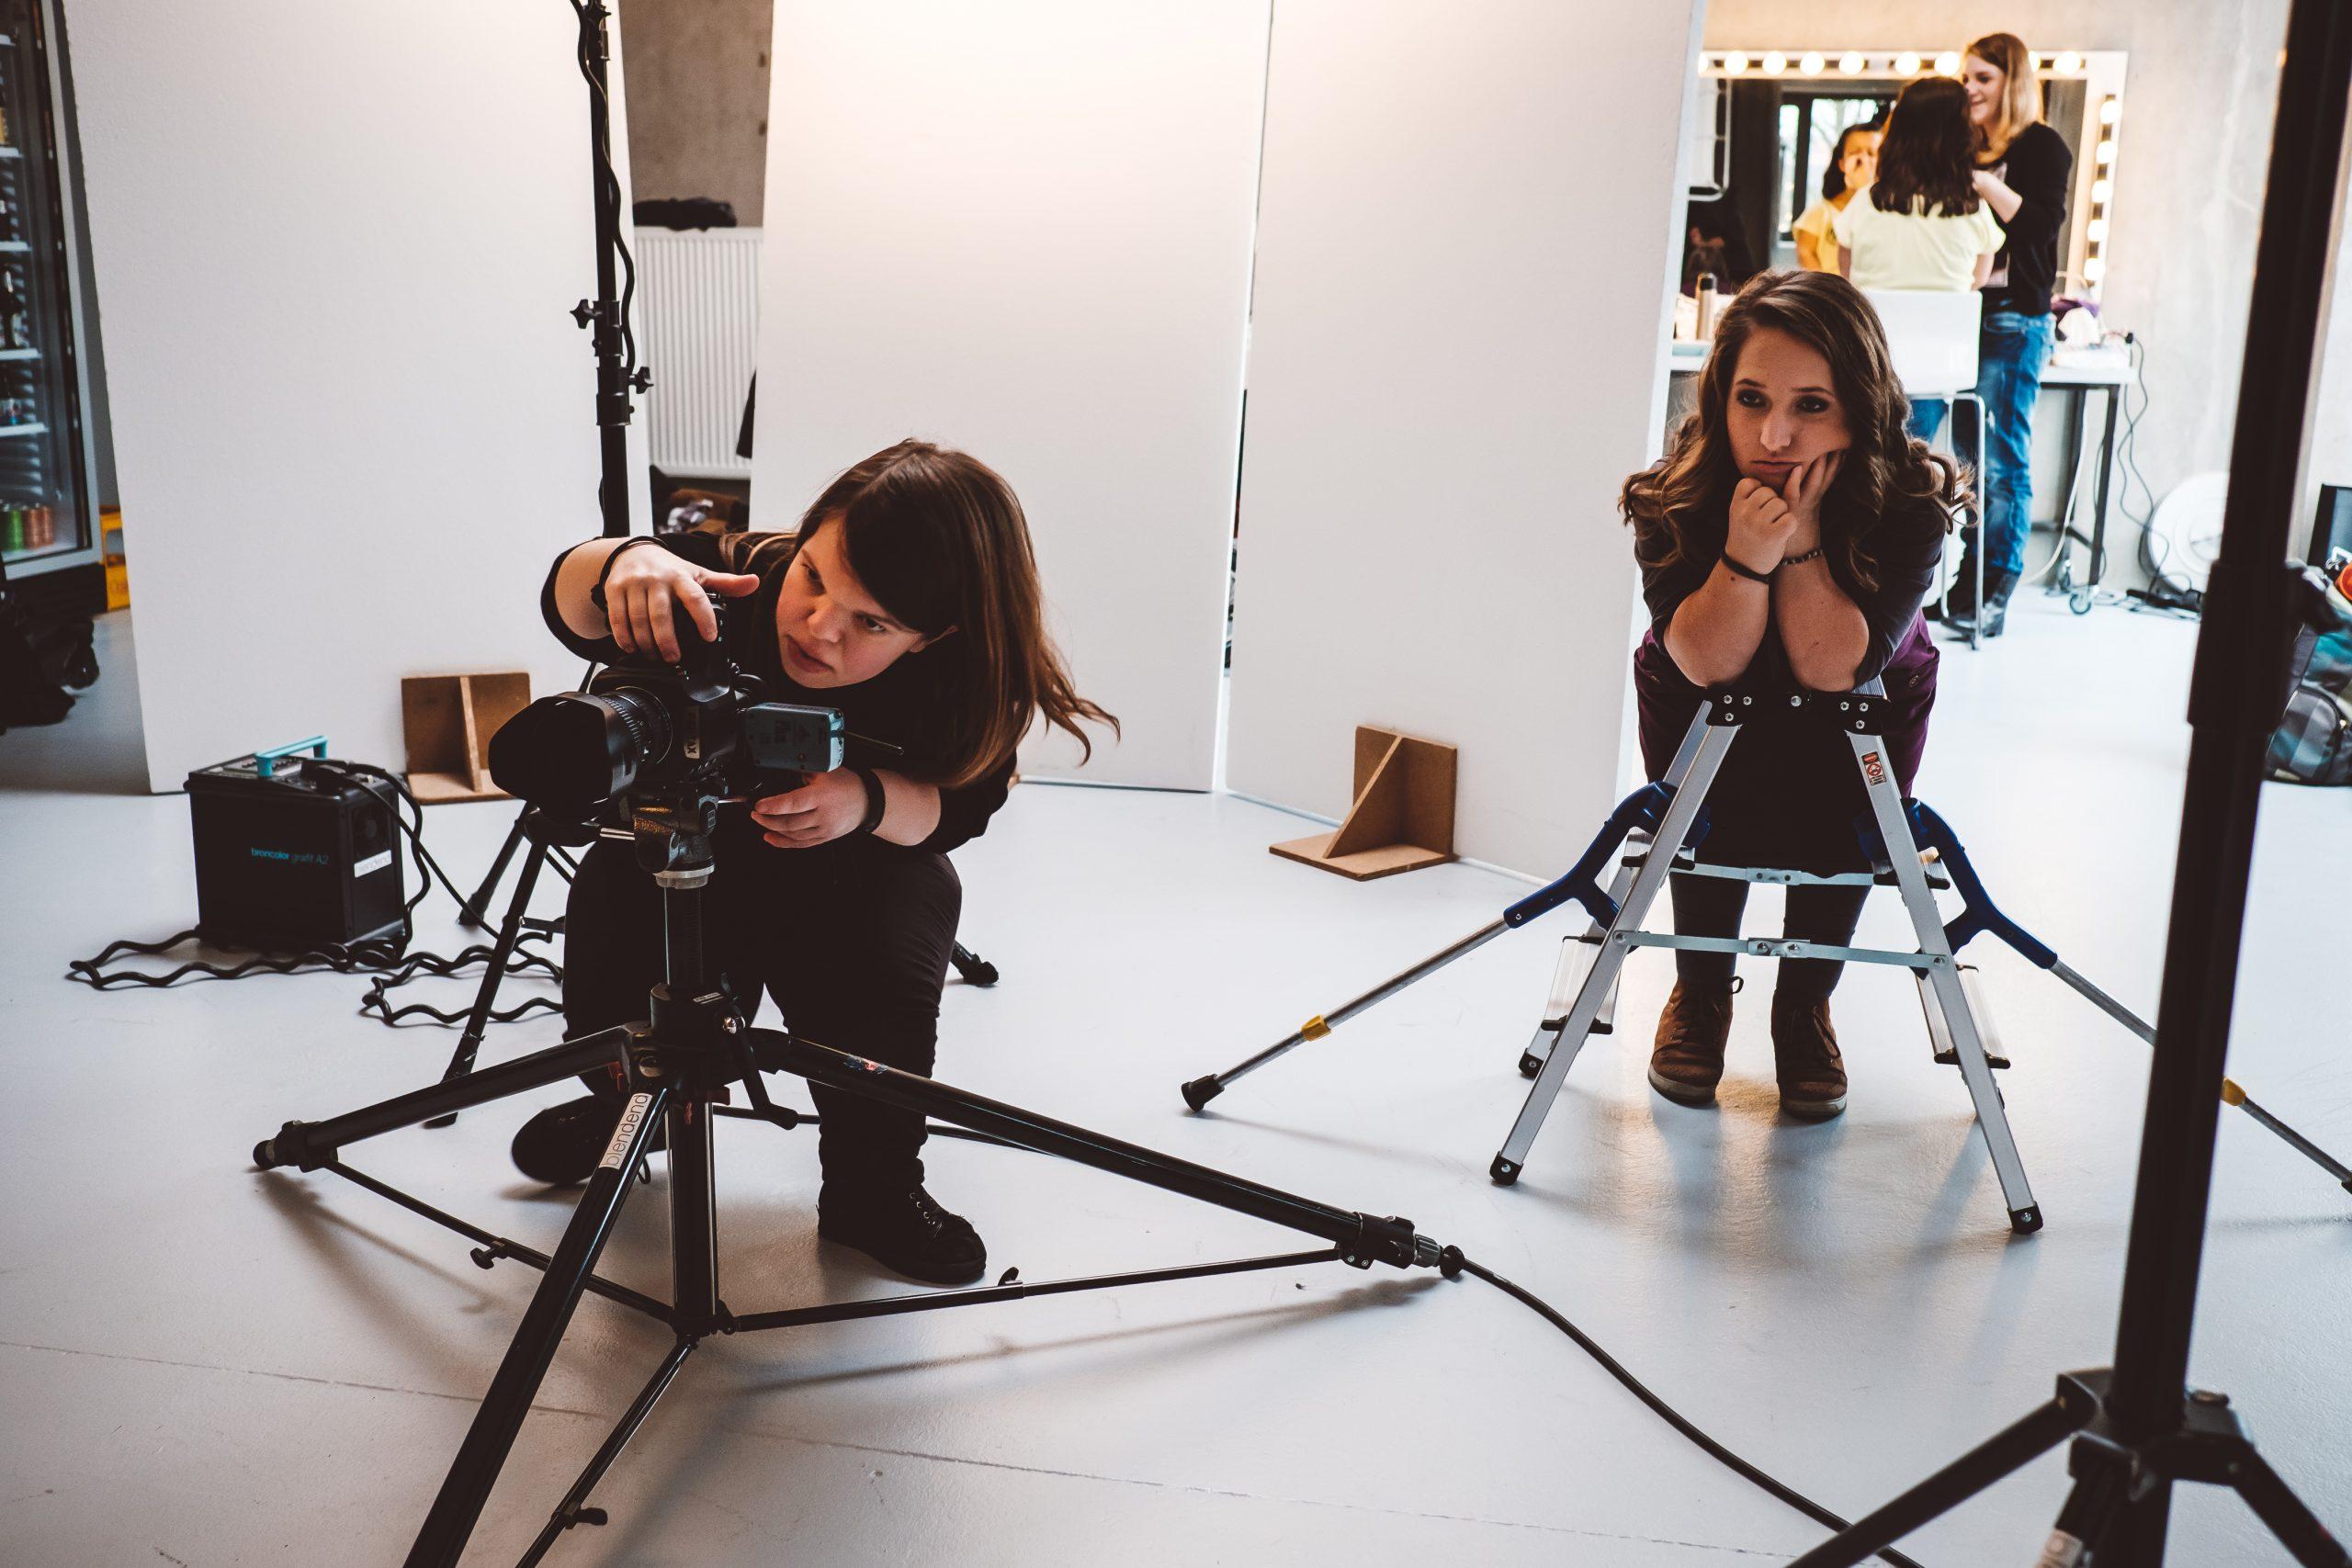 Fotografin mit Behinderung richtet ein Bild im Fotostudio ein. SIe steht hinter der Kamera und dem Stativ. Ihre Assistintin schaut ihr zu.